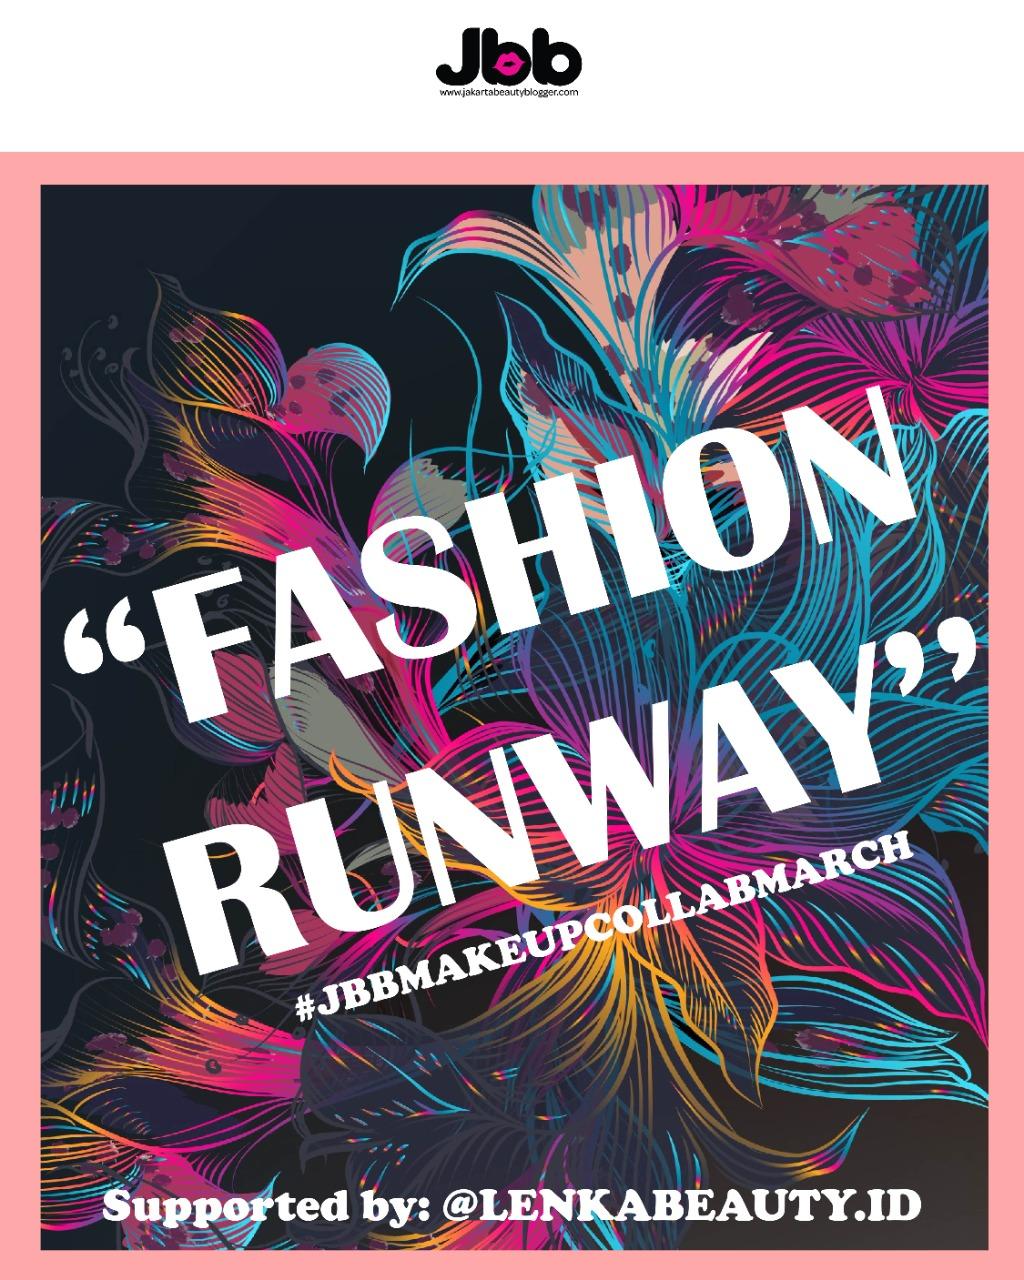 fashion makeup, fashion makeup runway, fashion runway, inspirasi make up, inspirasi makeup collab, jakarta beauty blogger, jbb makeup collab, jbb makeup collab november, make up, make up collab fashion, Makeup Collab